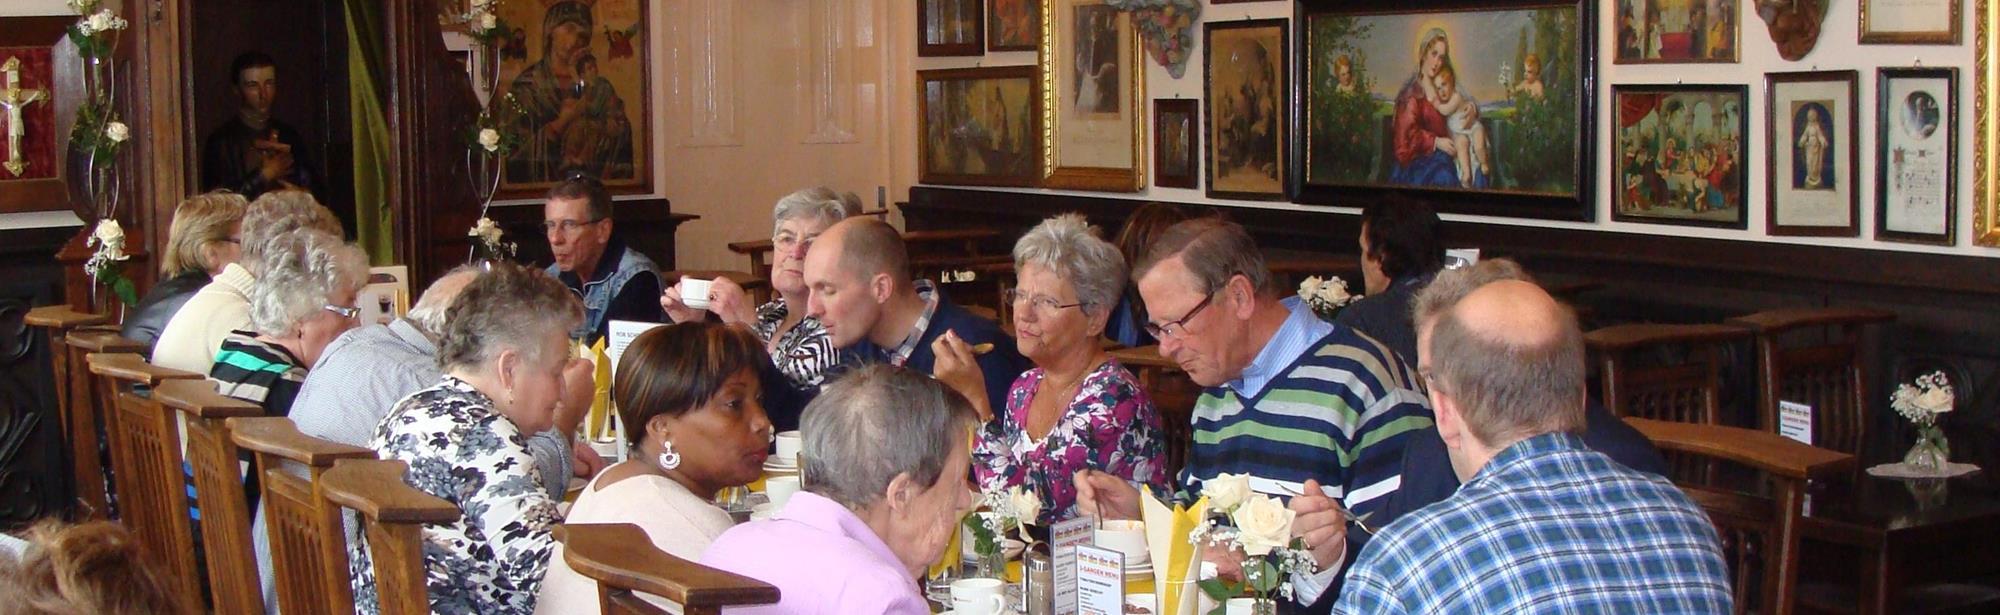 Café Restaurant De Zwarte Madonna